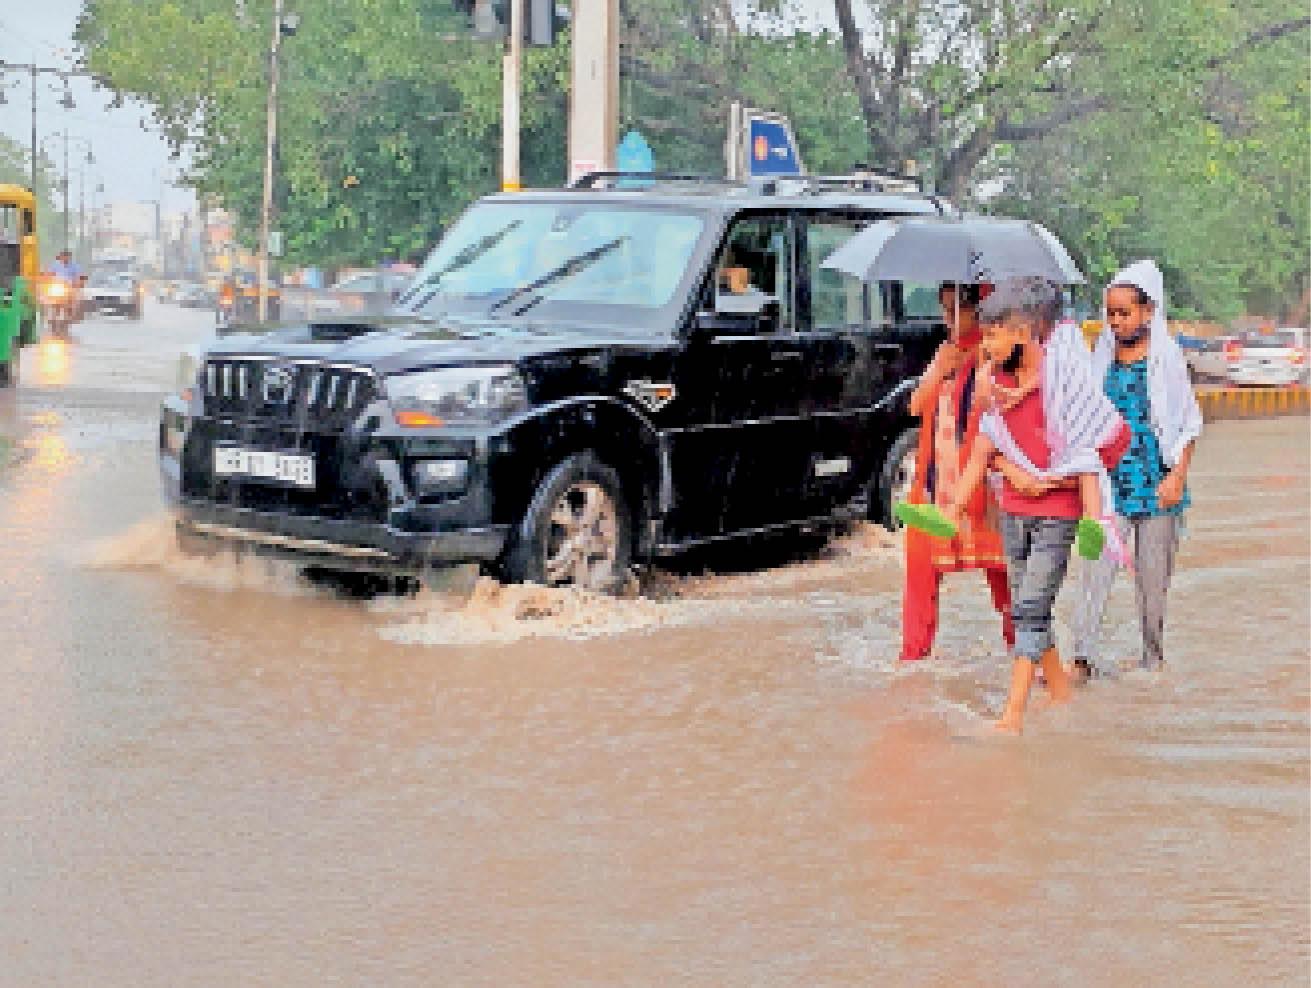 अग्रसेन चौक के निकट सड़क पर जाम पानी से निकलते वाहन व राहगीर। - Dainik Bhaskar